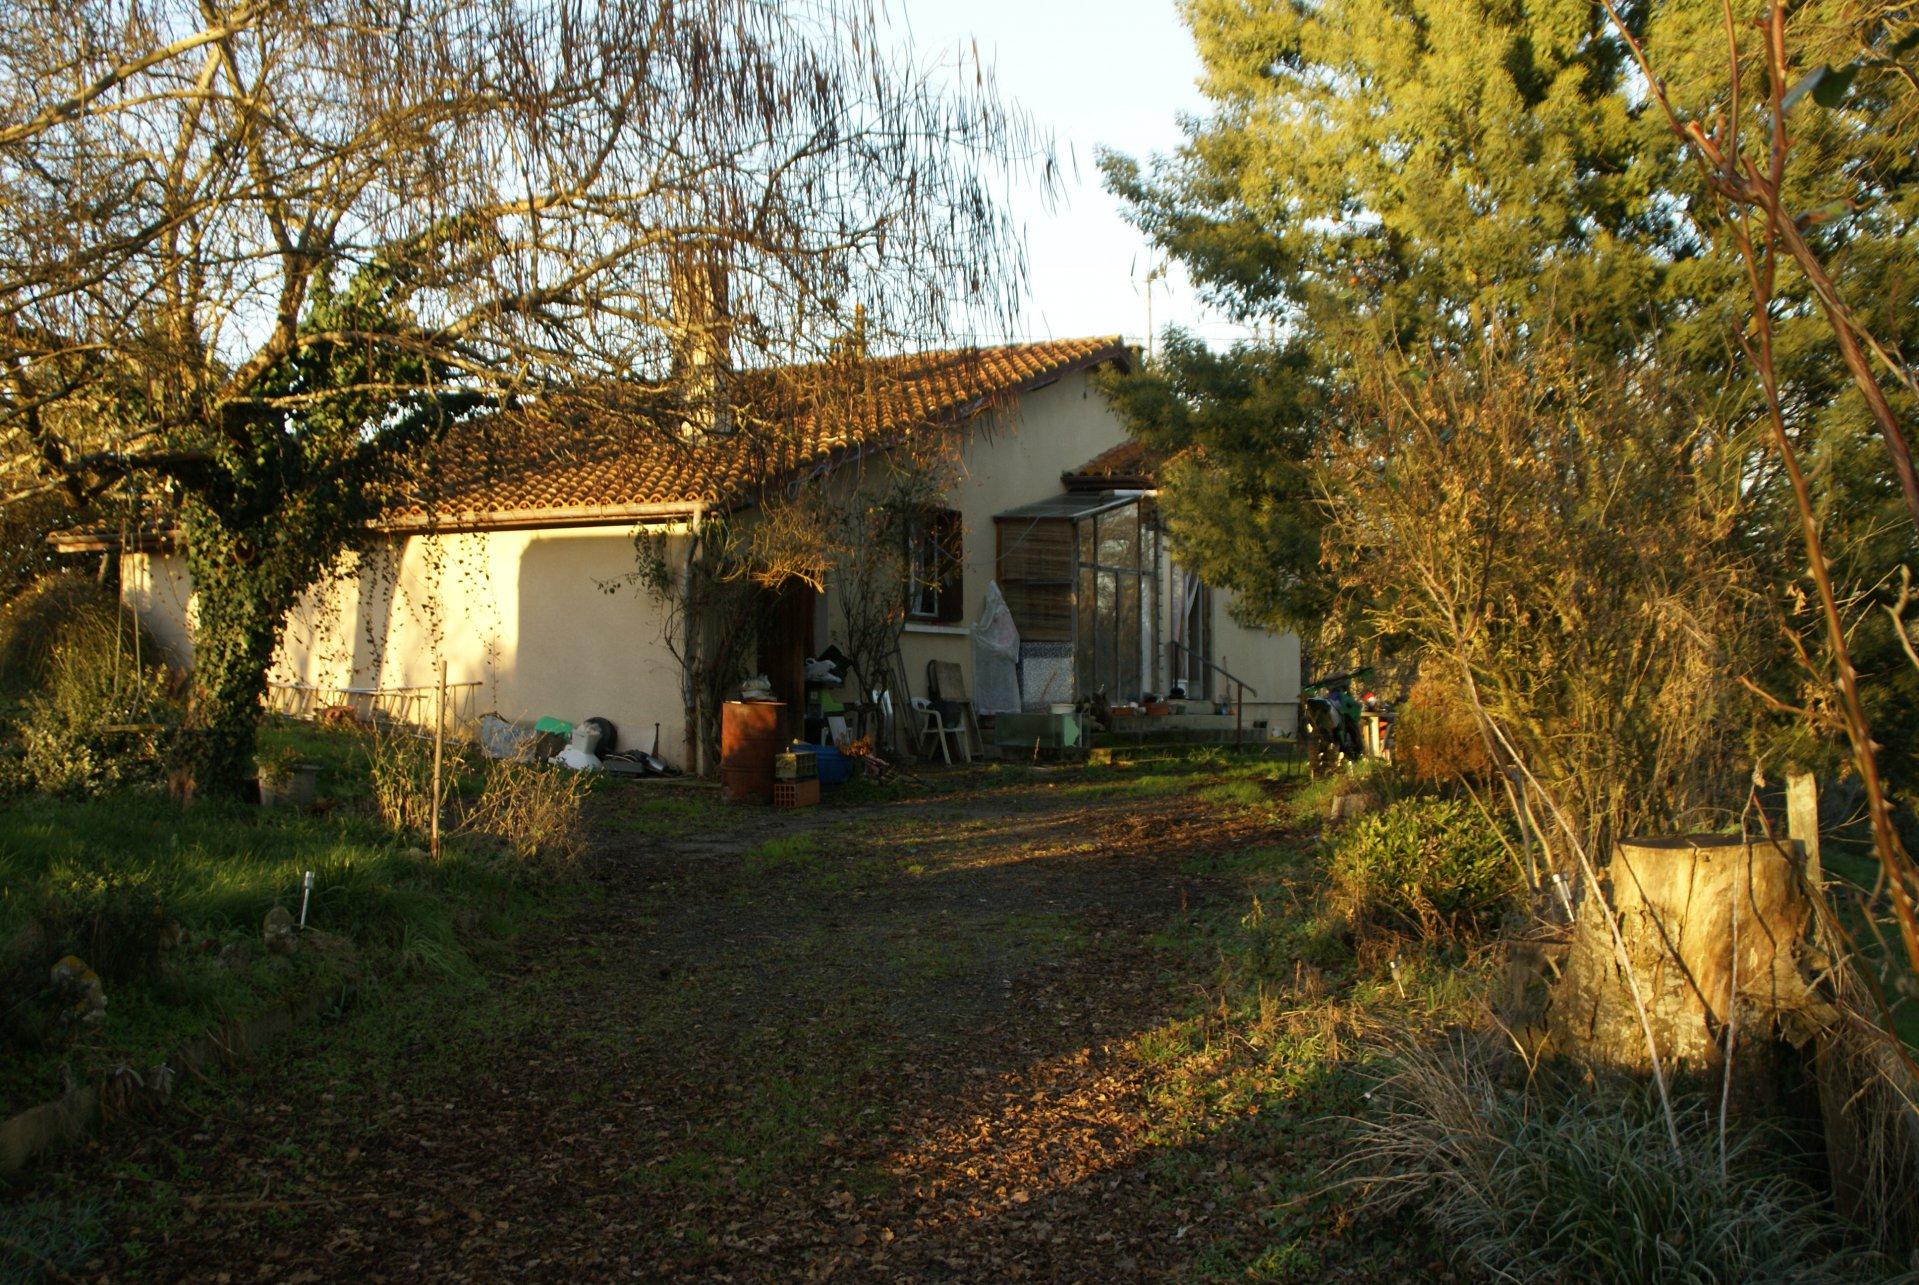 Belle maison à rafraîchir avec possibilités dans le Gers, Midi-Pyrénées.